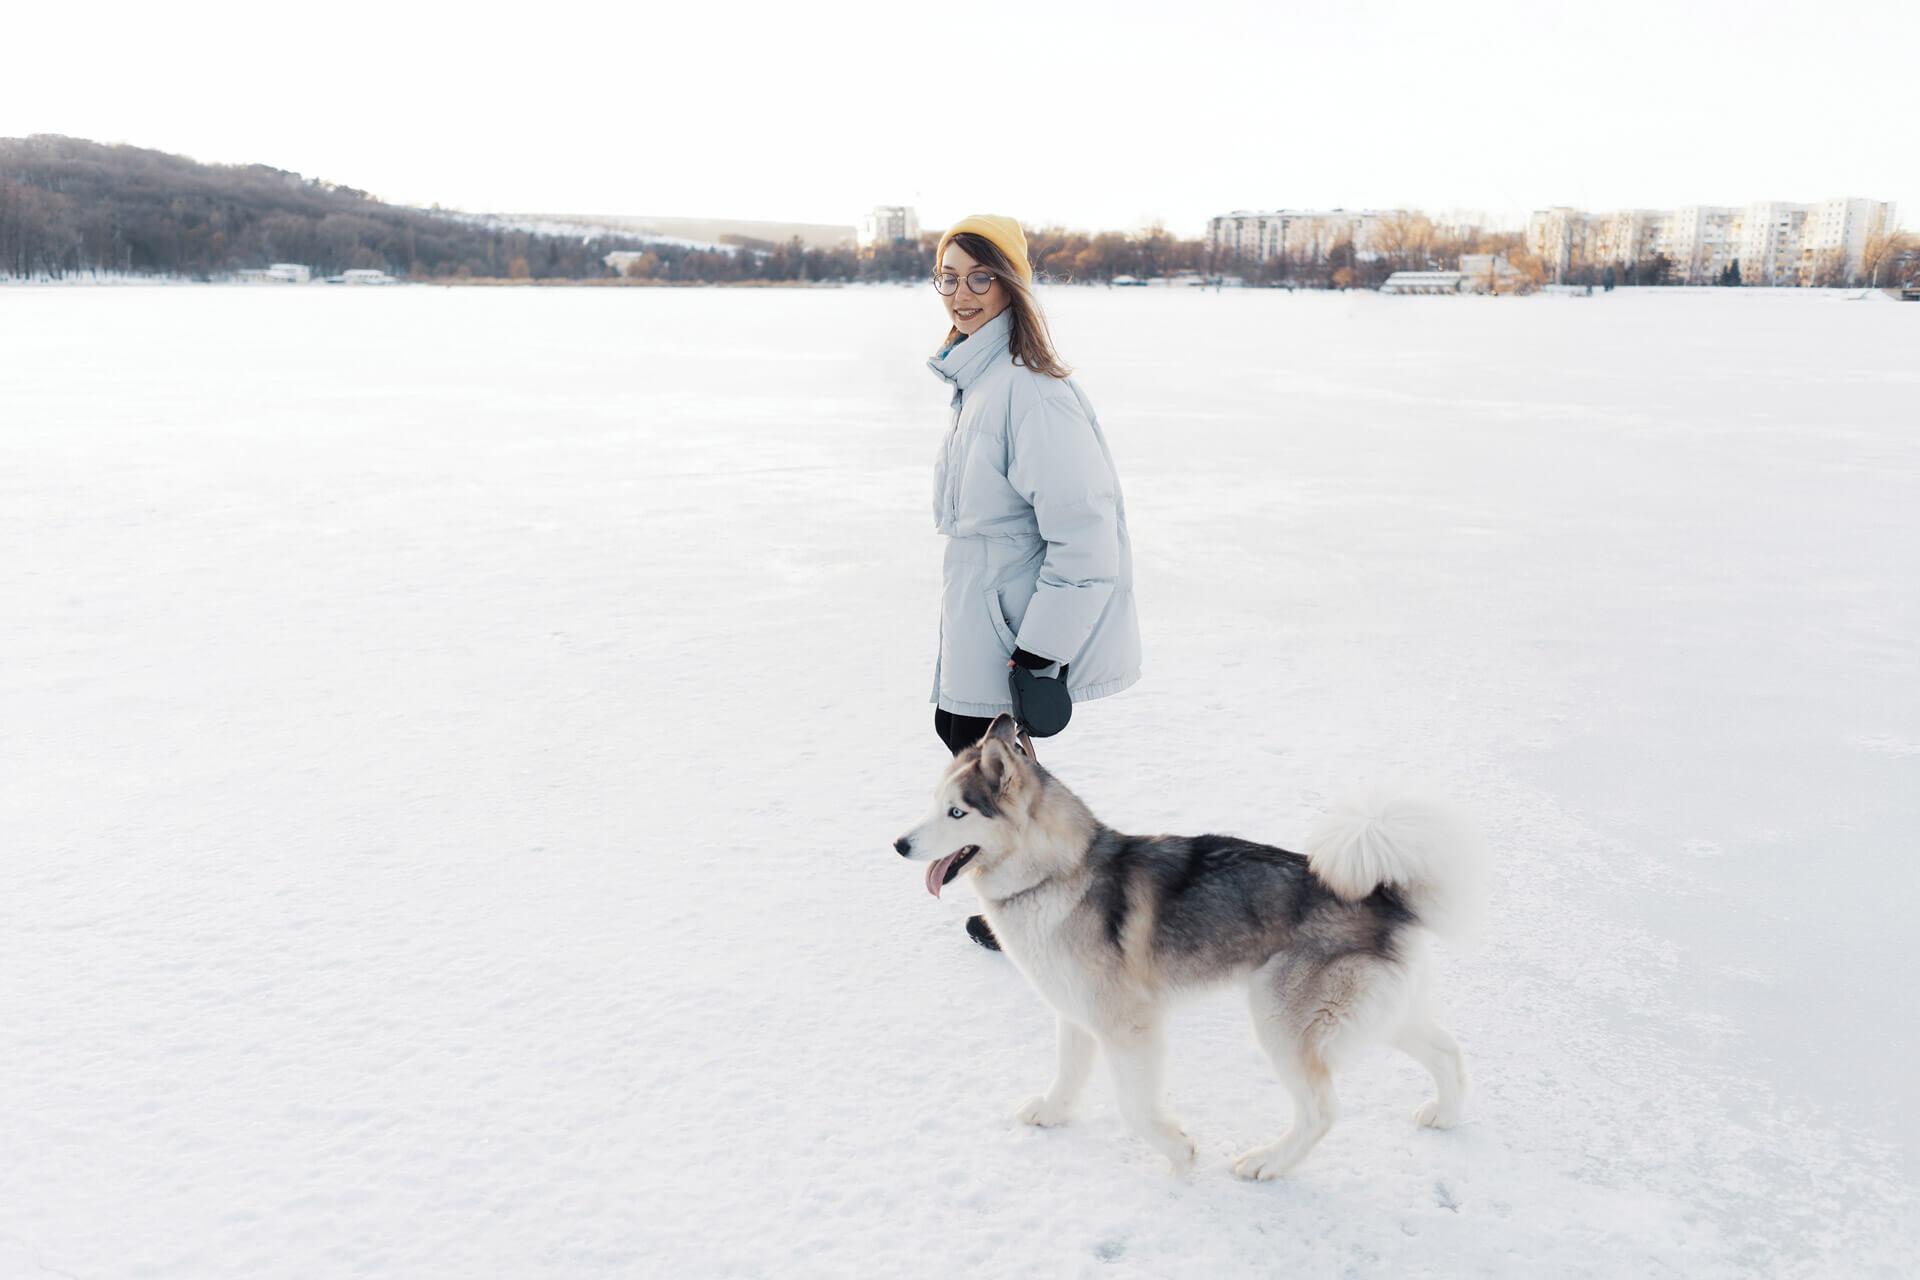 Frau beim Spaziergang mit Hund in Winterlandschaft